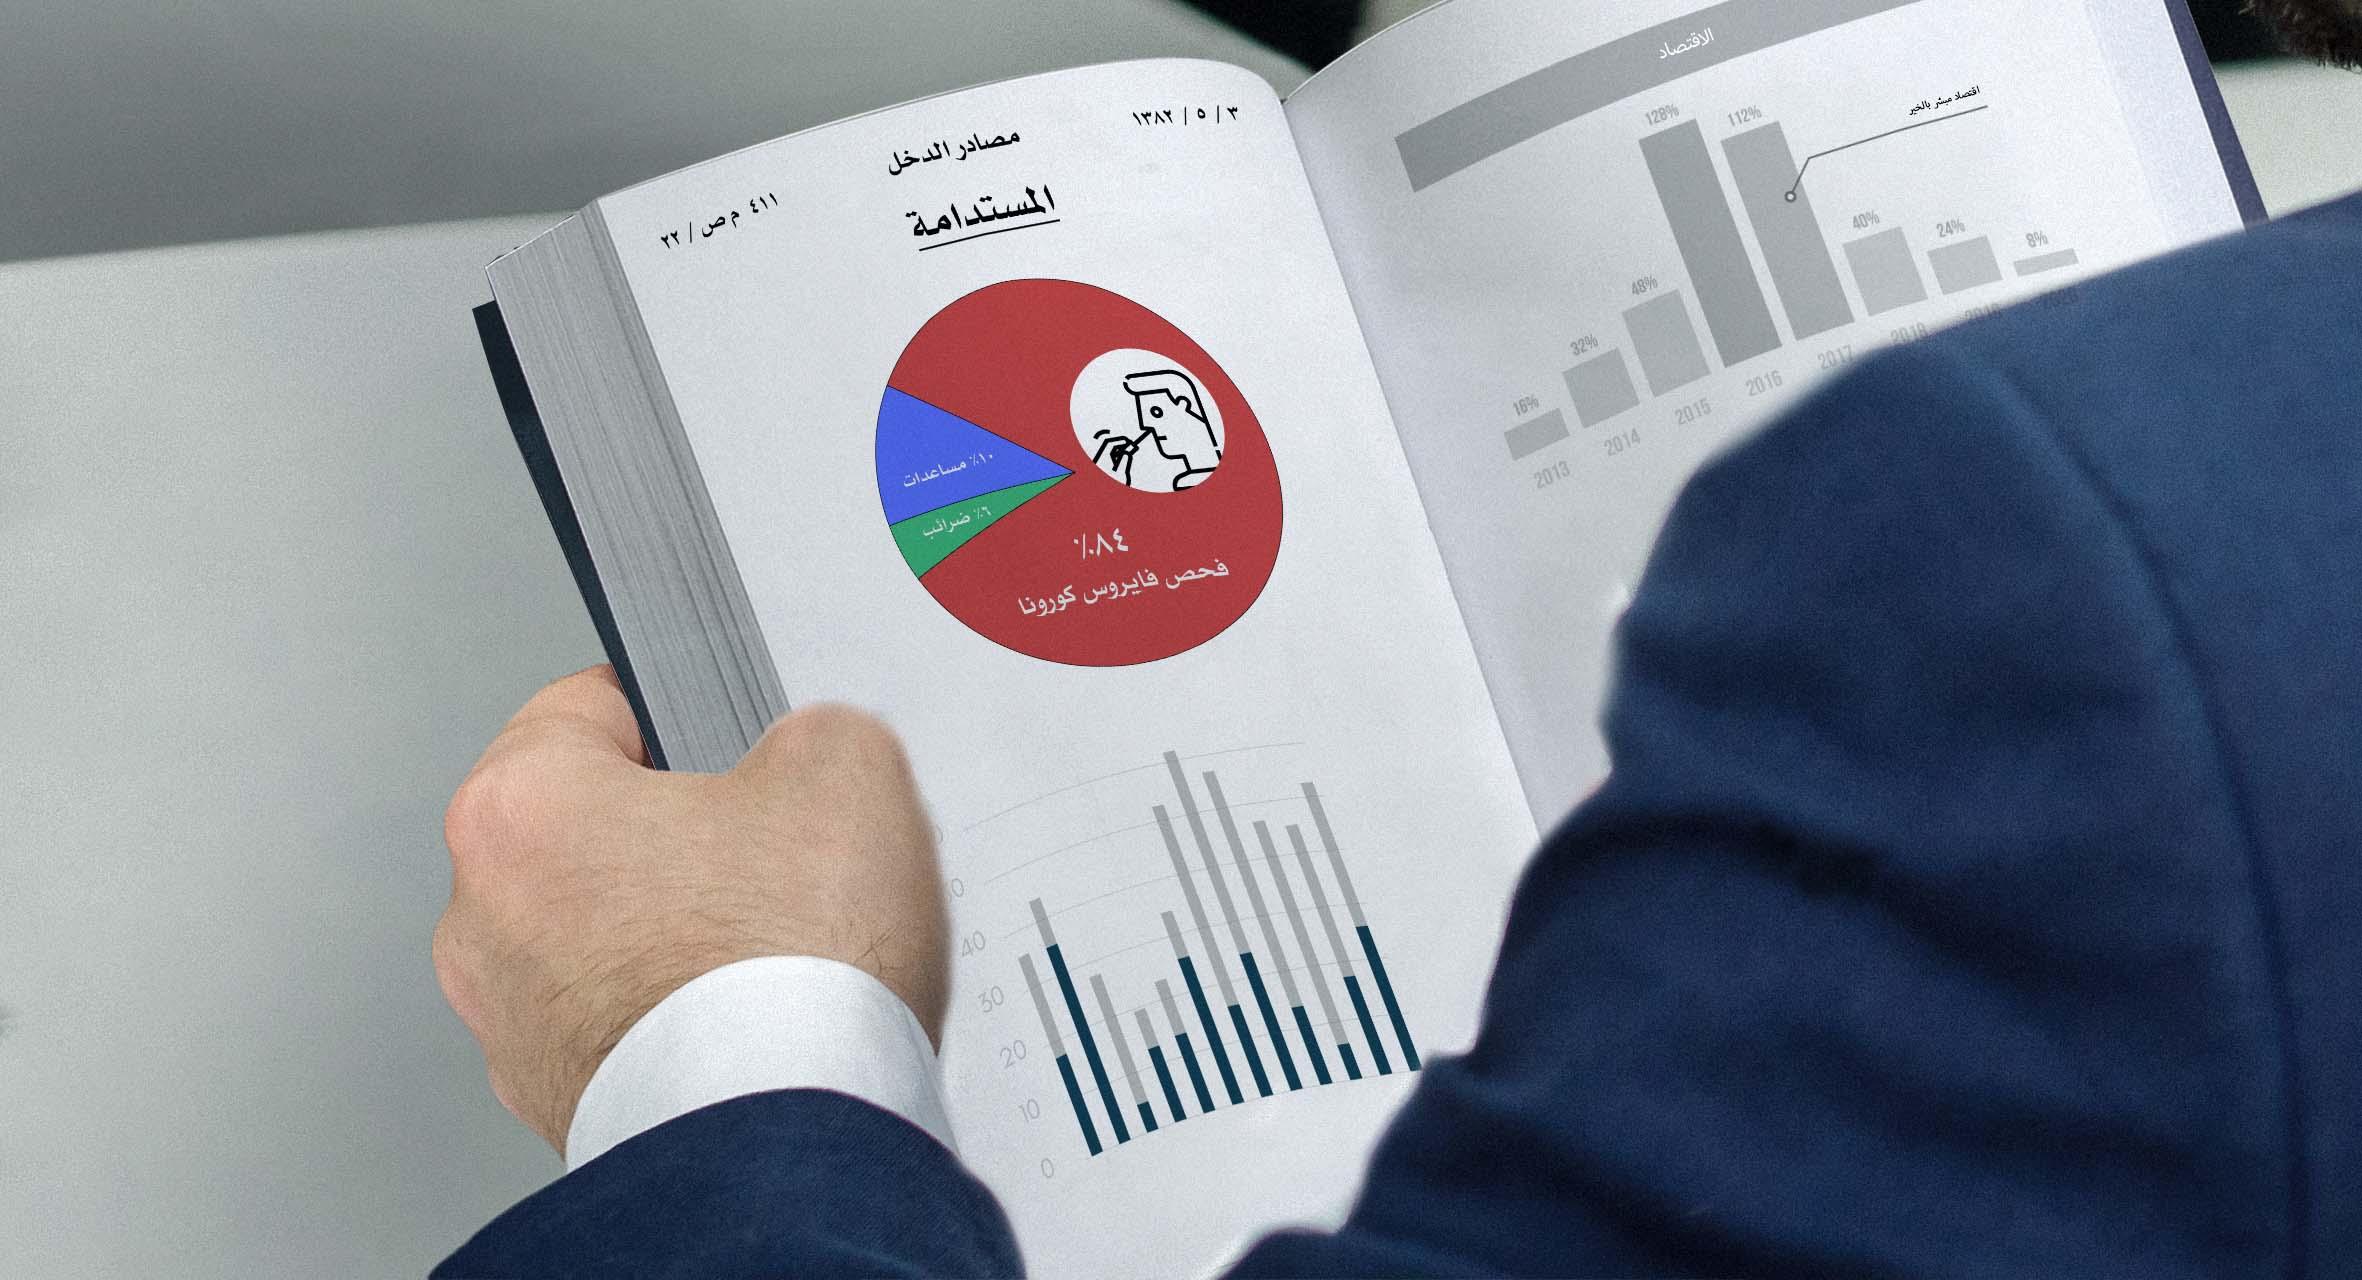 صورة الحكومة تضيف فحص كورونا الإجباري لمصادر الدخل المستدام